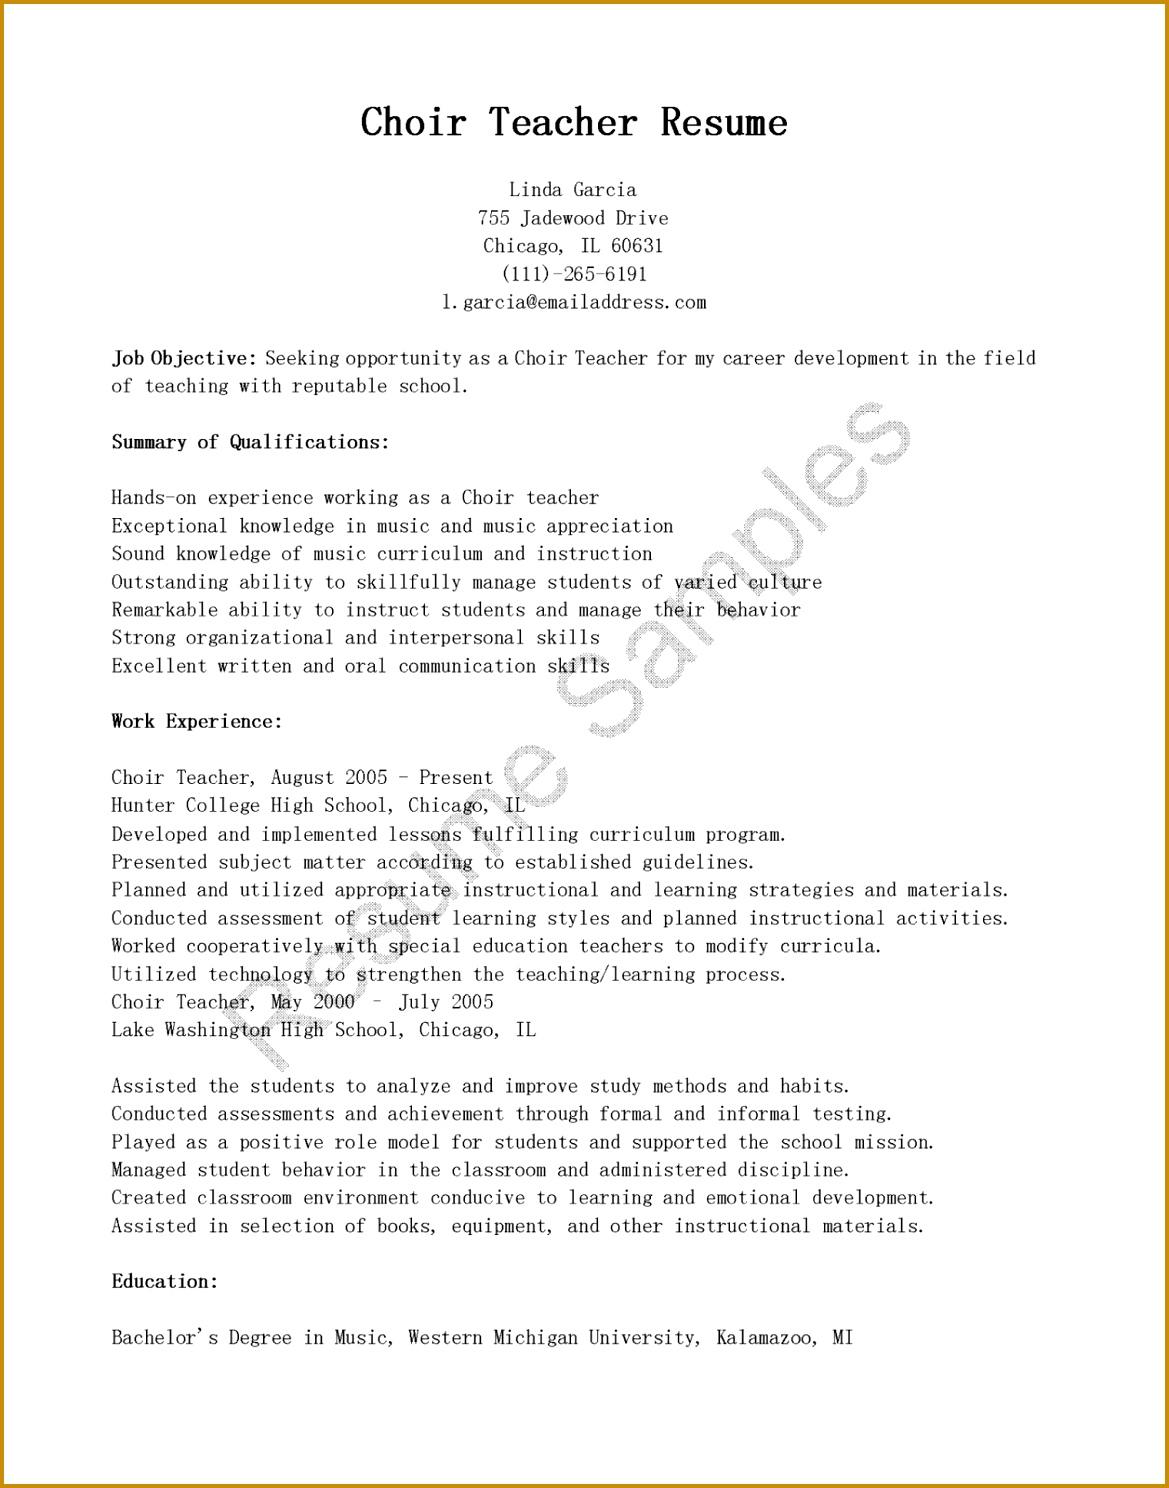 Cover Letter for Teaching Position Best Higher Education Cover Letters 29 Od Consultant Cover Letter 14881169